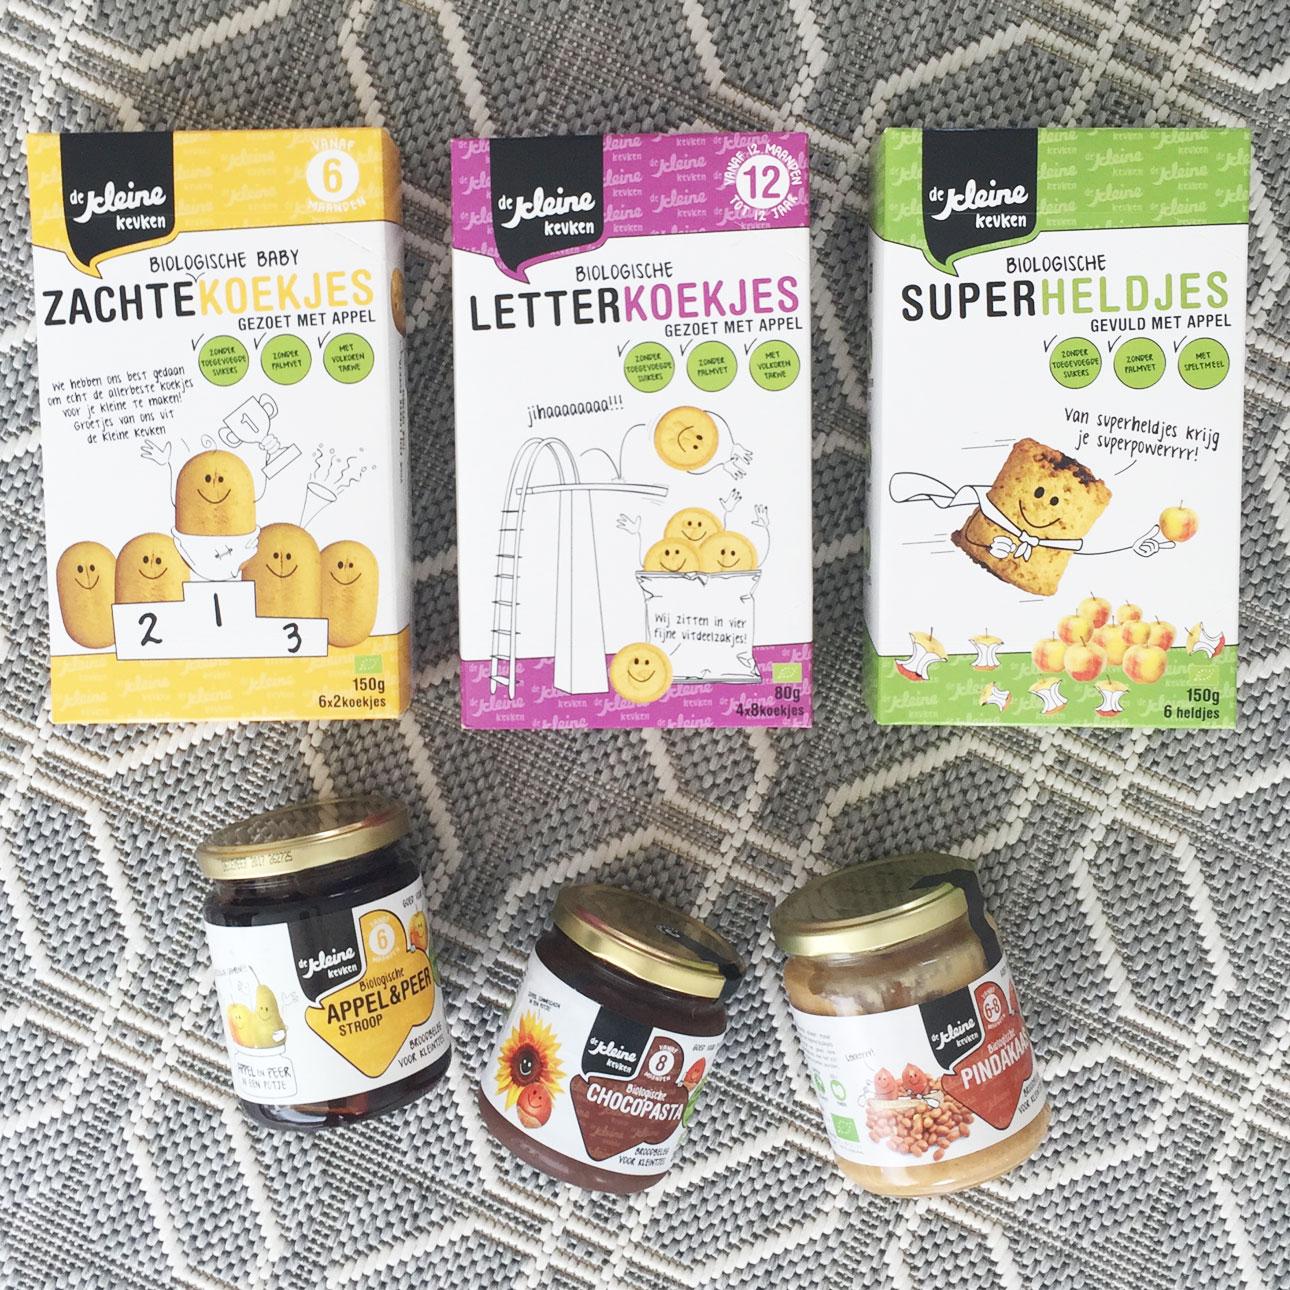 De kleine keuken producten